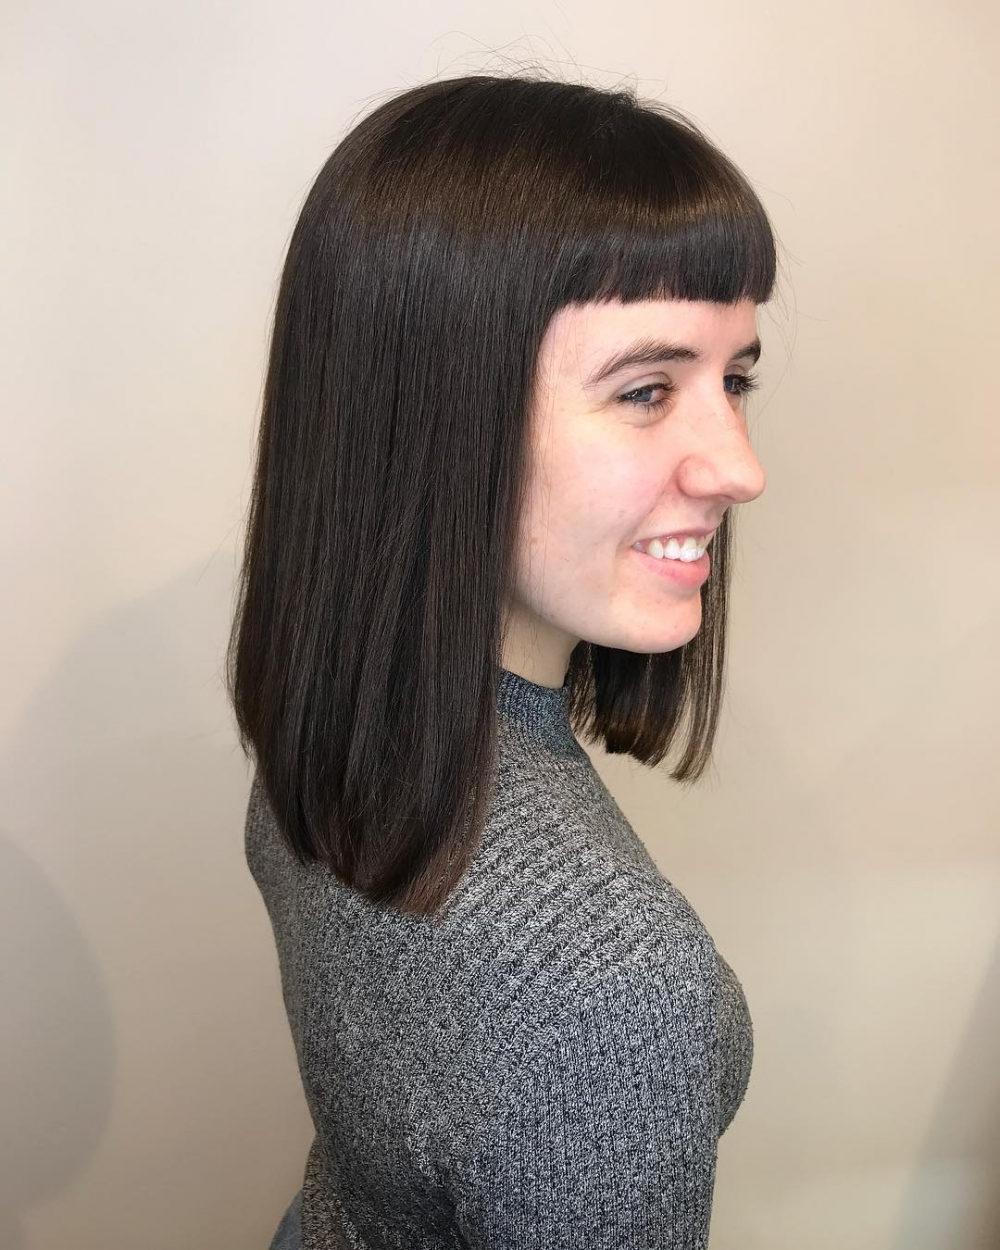 Trendy Cute Medium Hairstyles With Bangs In 53 Popular Medium Length Hairstyles With Bangs In (View 20 of 20)